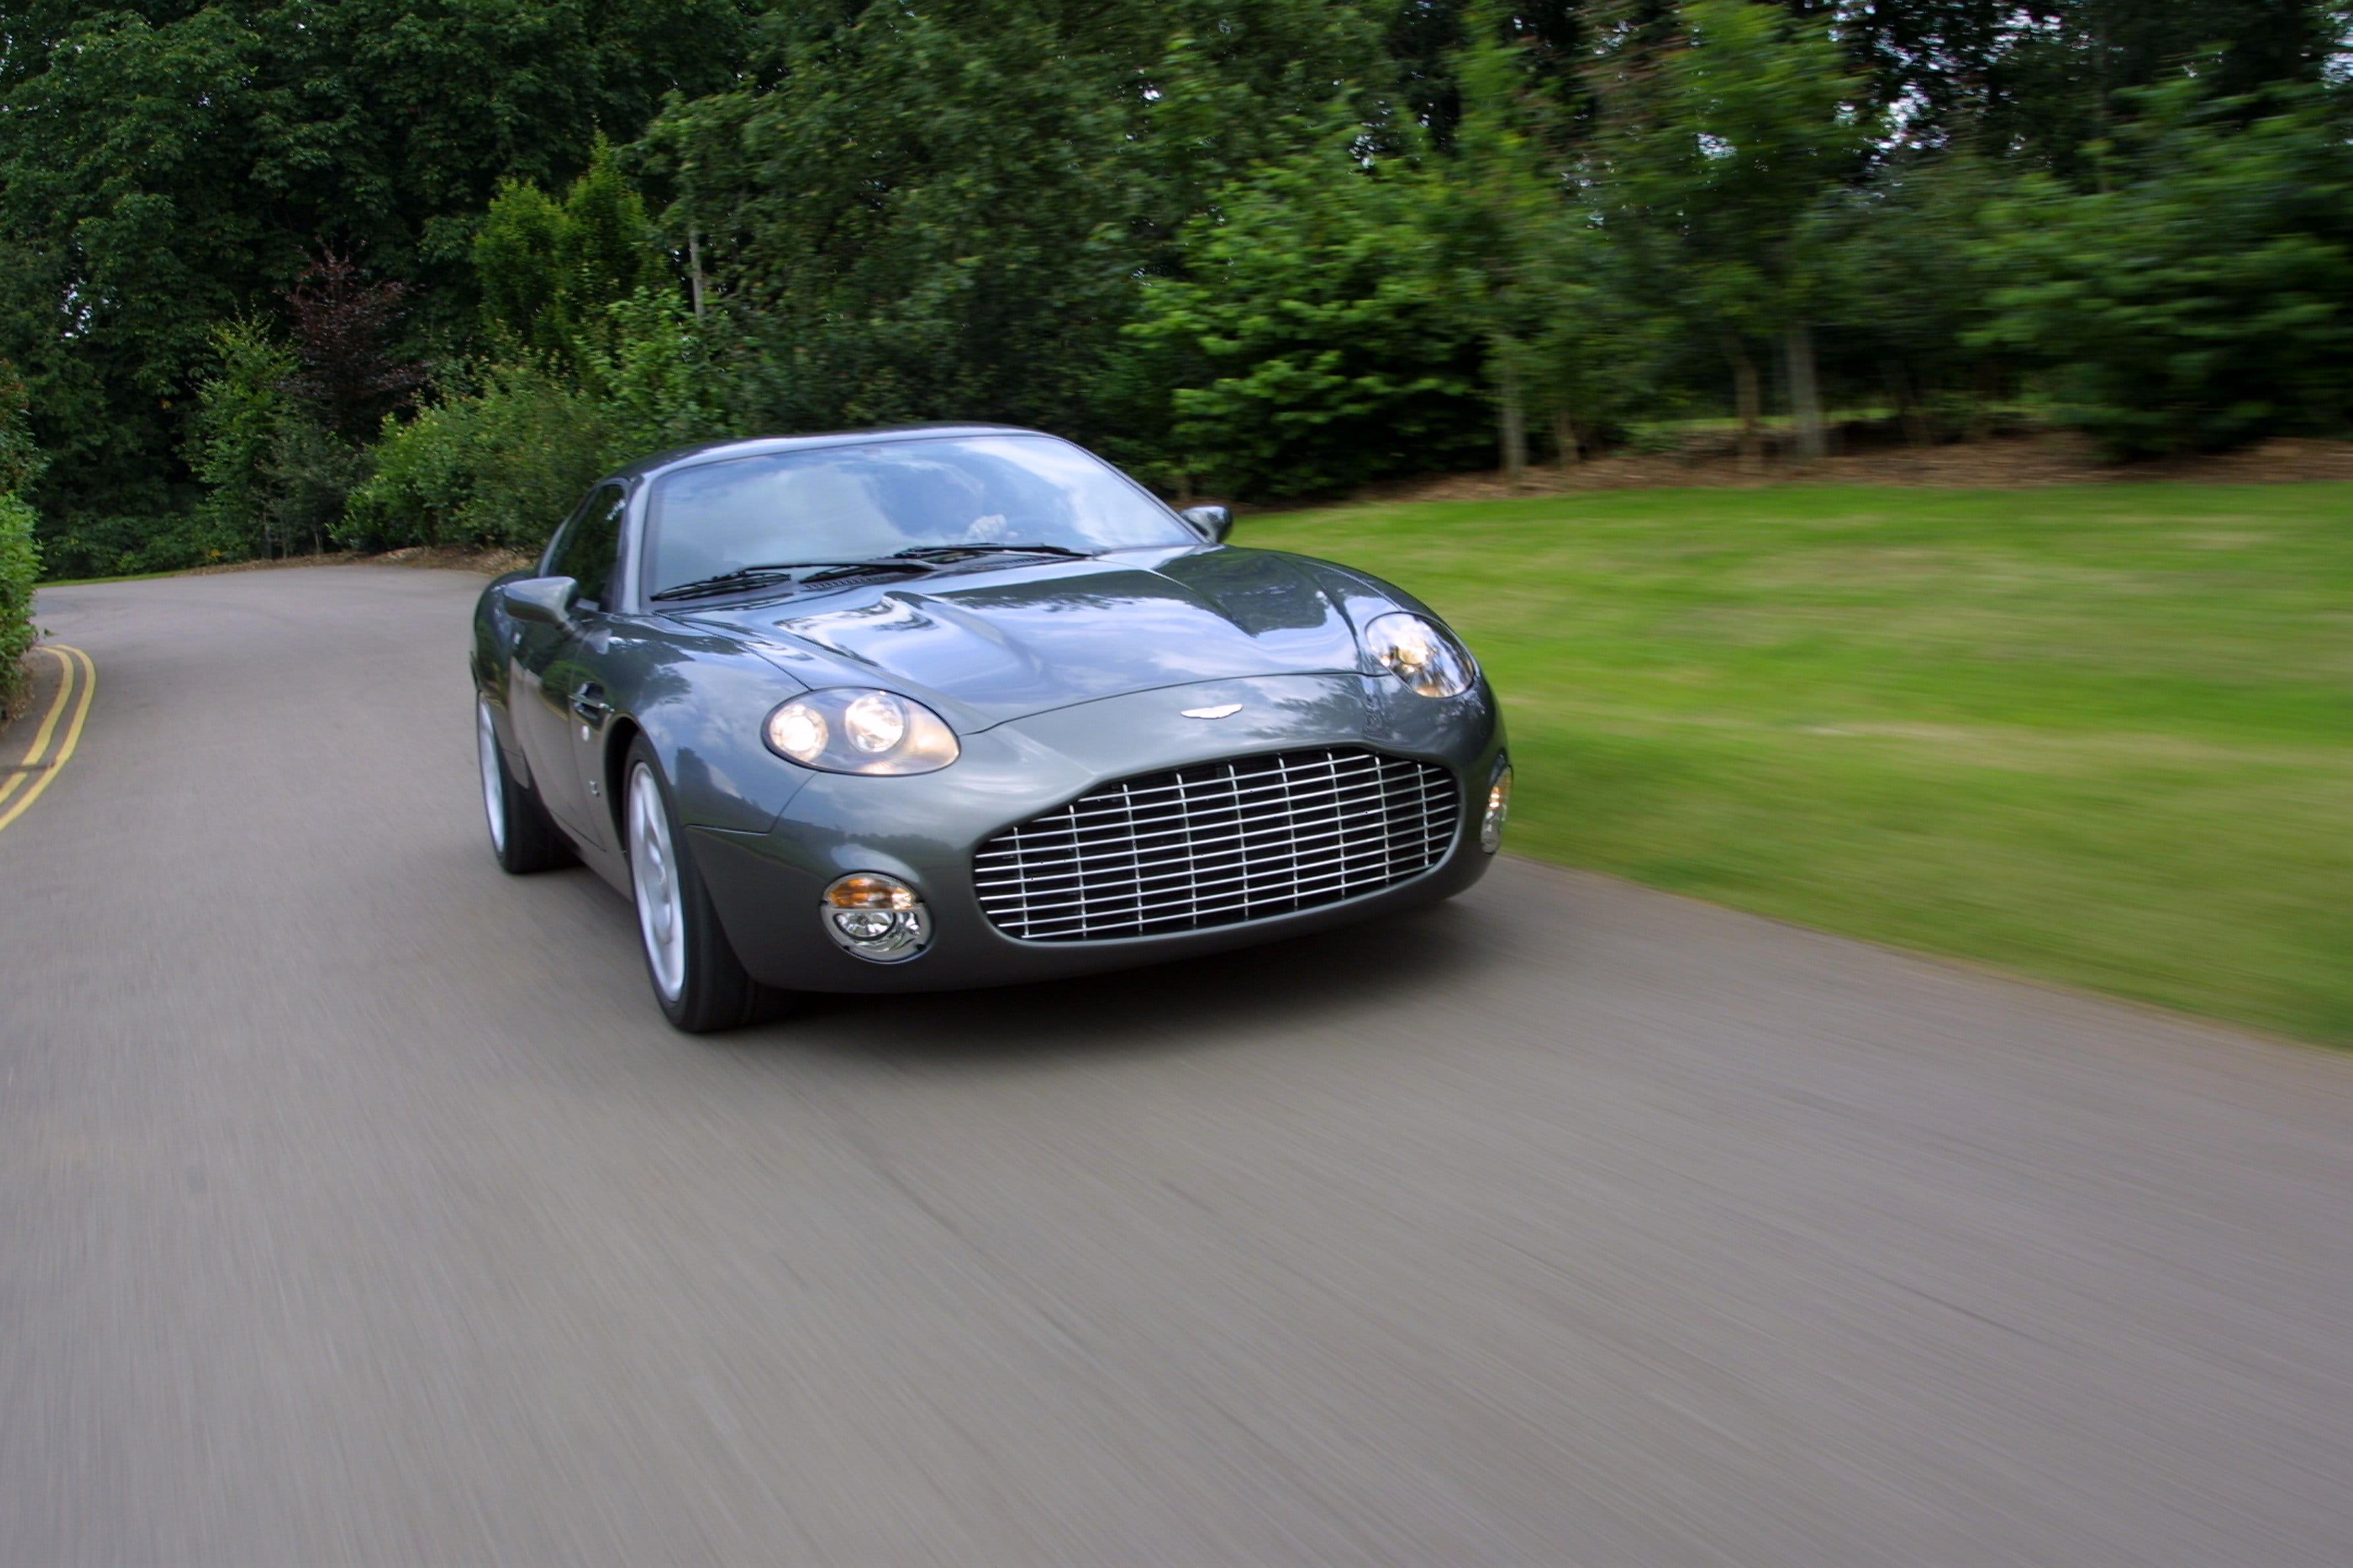 Aston Martin Db7 Zagato 2003 Deportivos De Ensueno Y Museo Foto 13 De 18